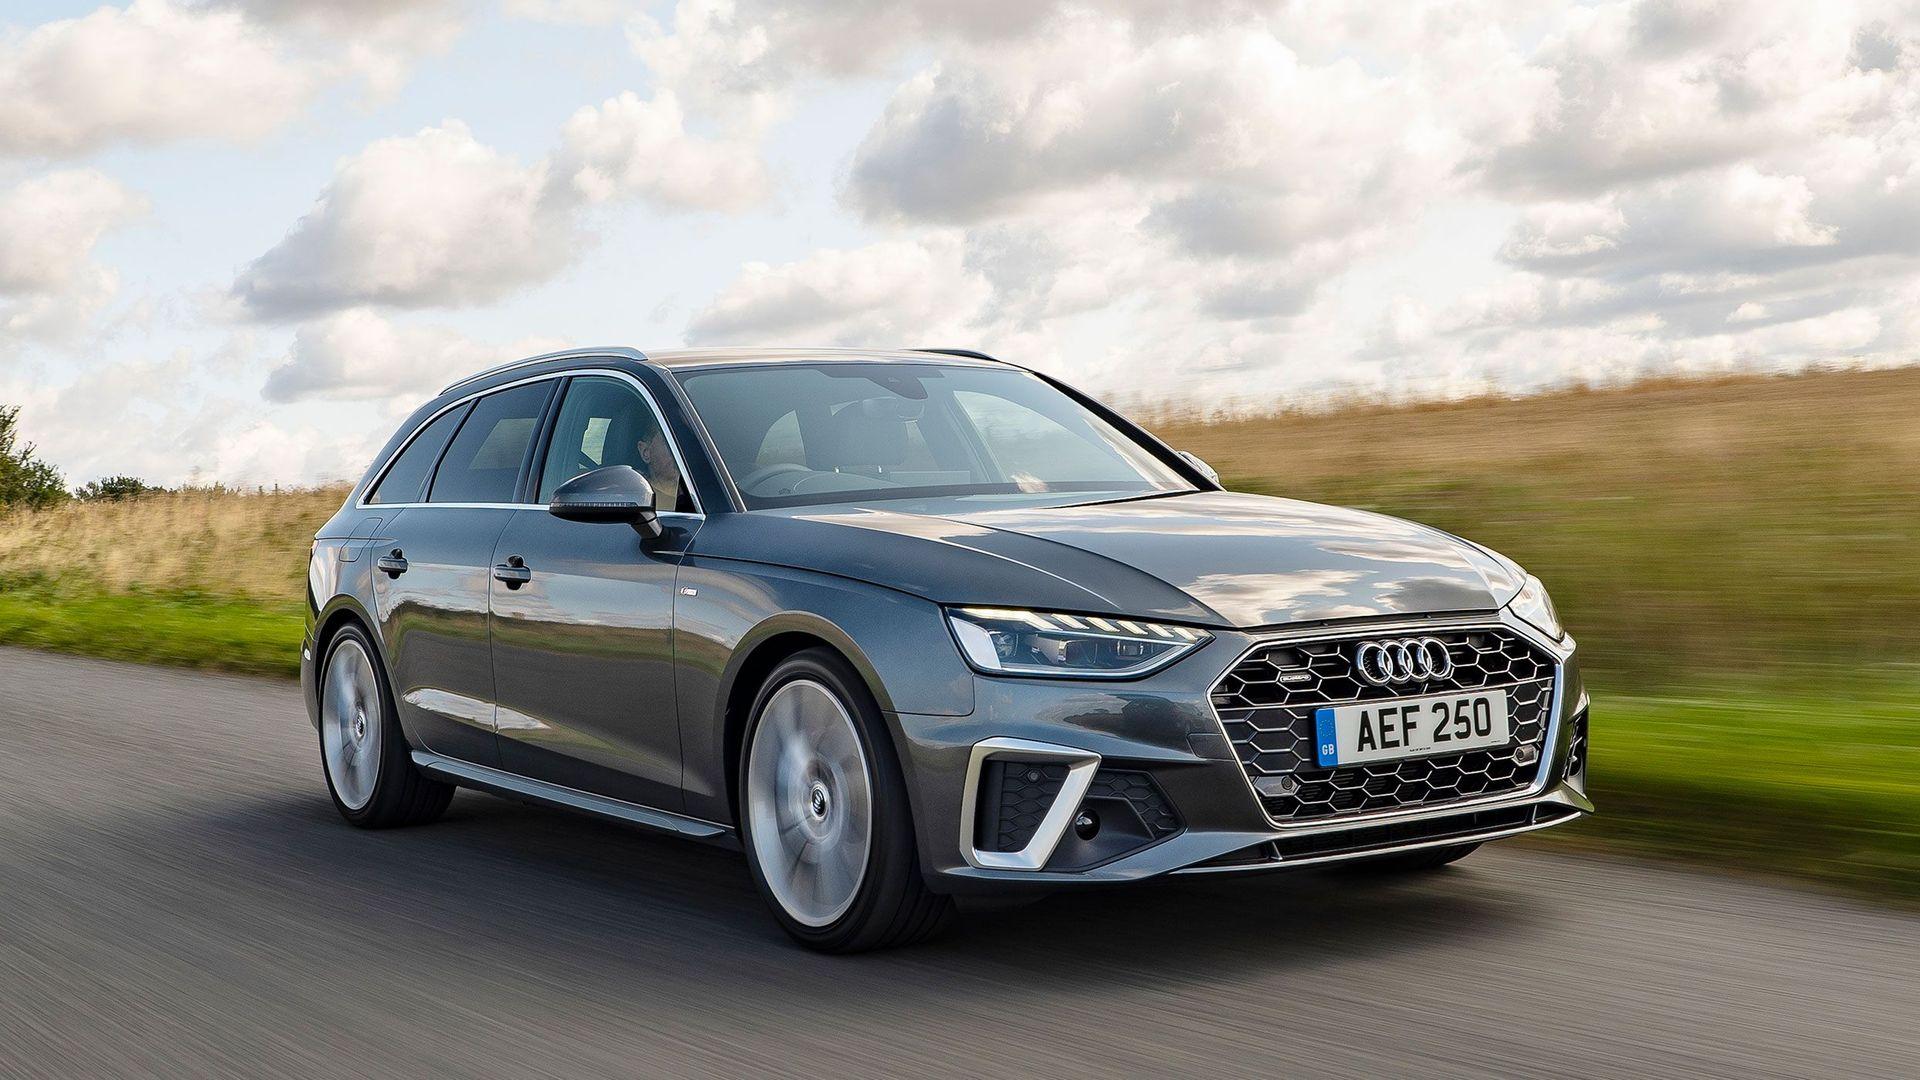 Kekurangan Audi Avant A4 Top Model Tahun Ini